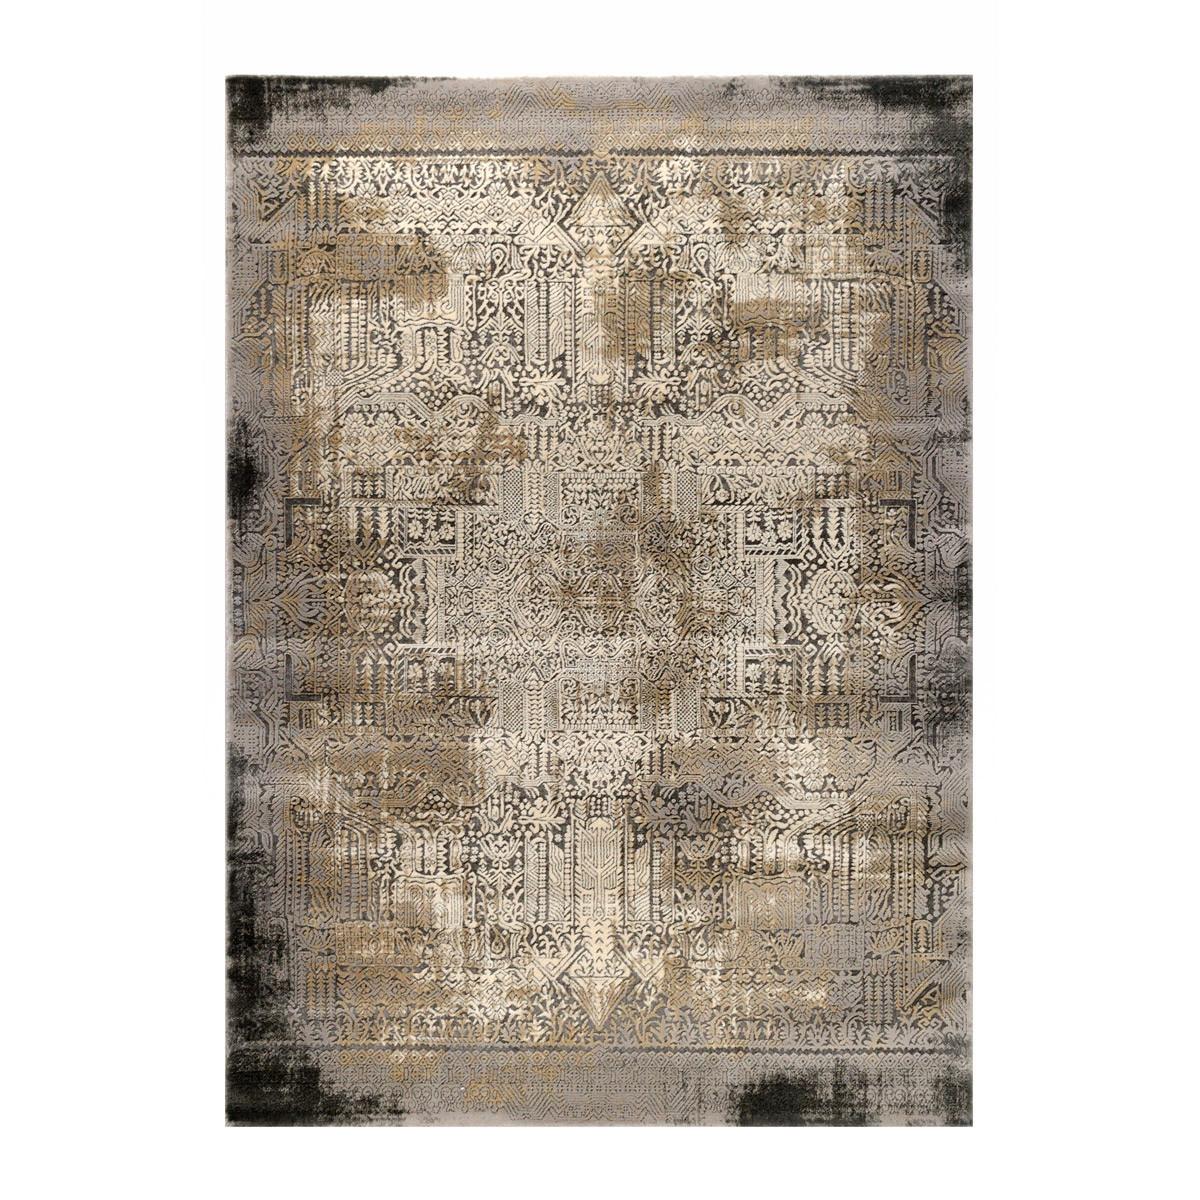 Χαλιά Κρεβατοκάμαρας (Σετ 3τμχ) Tzikas Carpets Assos 17148-095